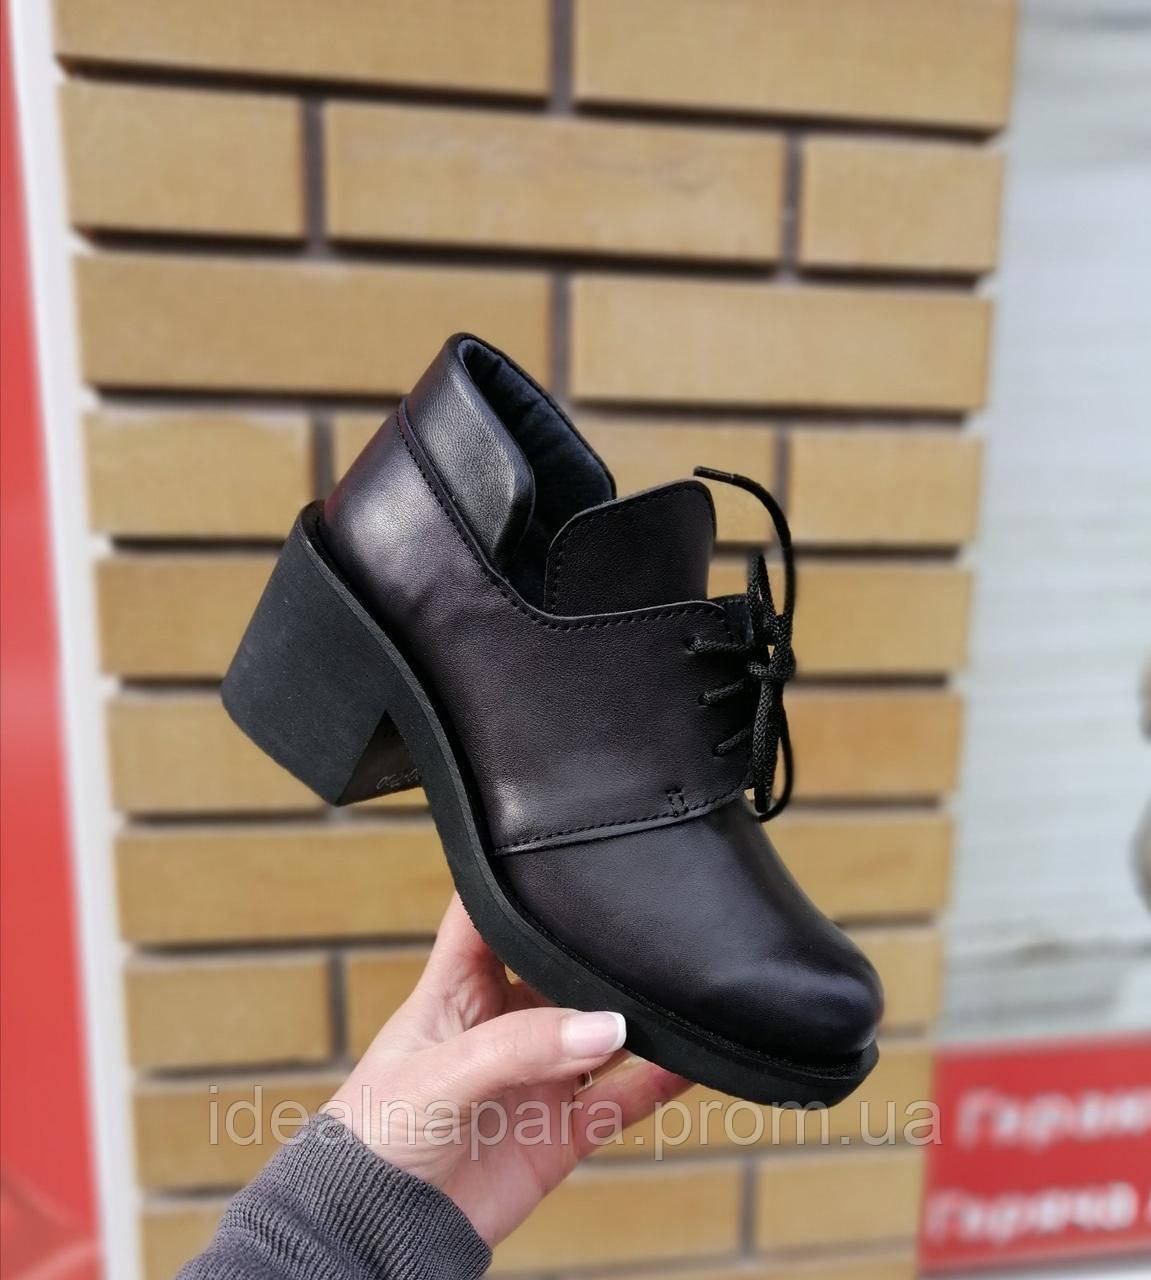 Туфли женские кожаные на каблуке 4см закрытые на шнурках.